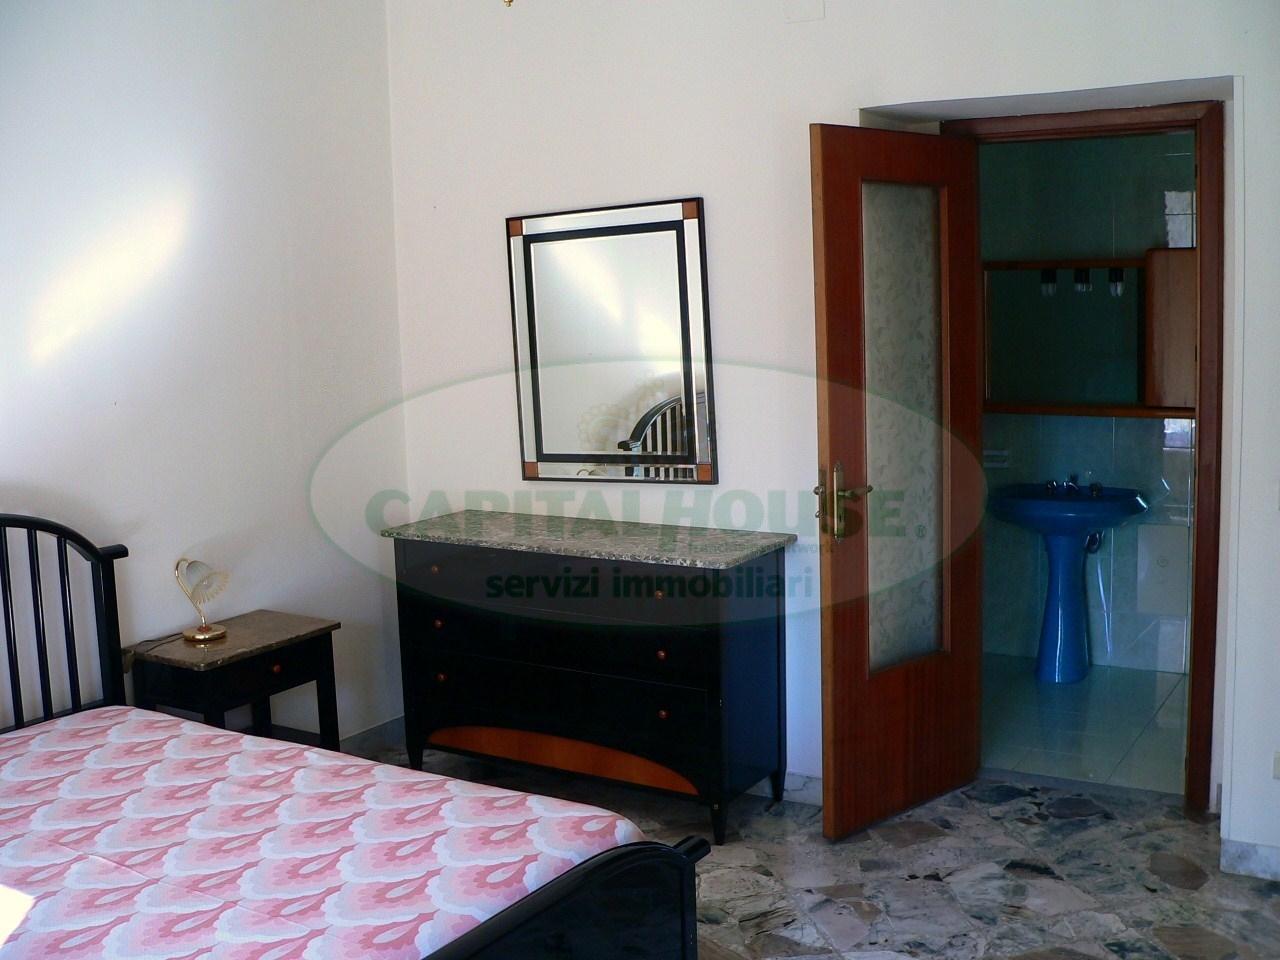 Bilocale affitto caserta via brunelleschi for Affitto caserta arredato